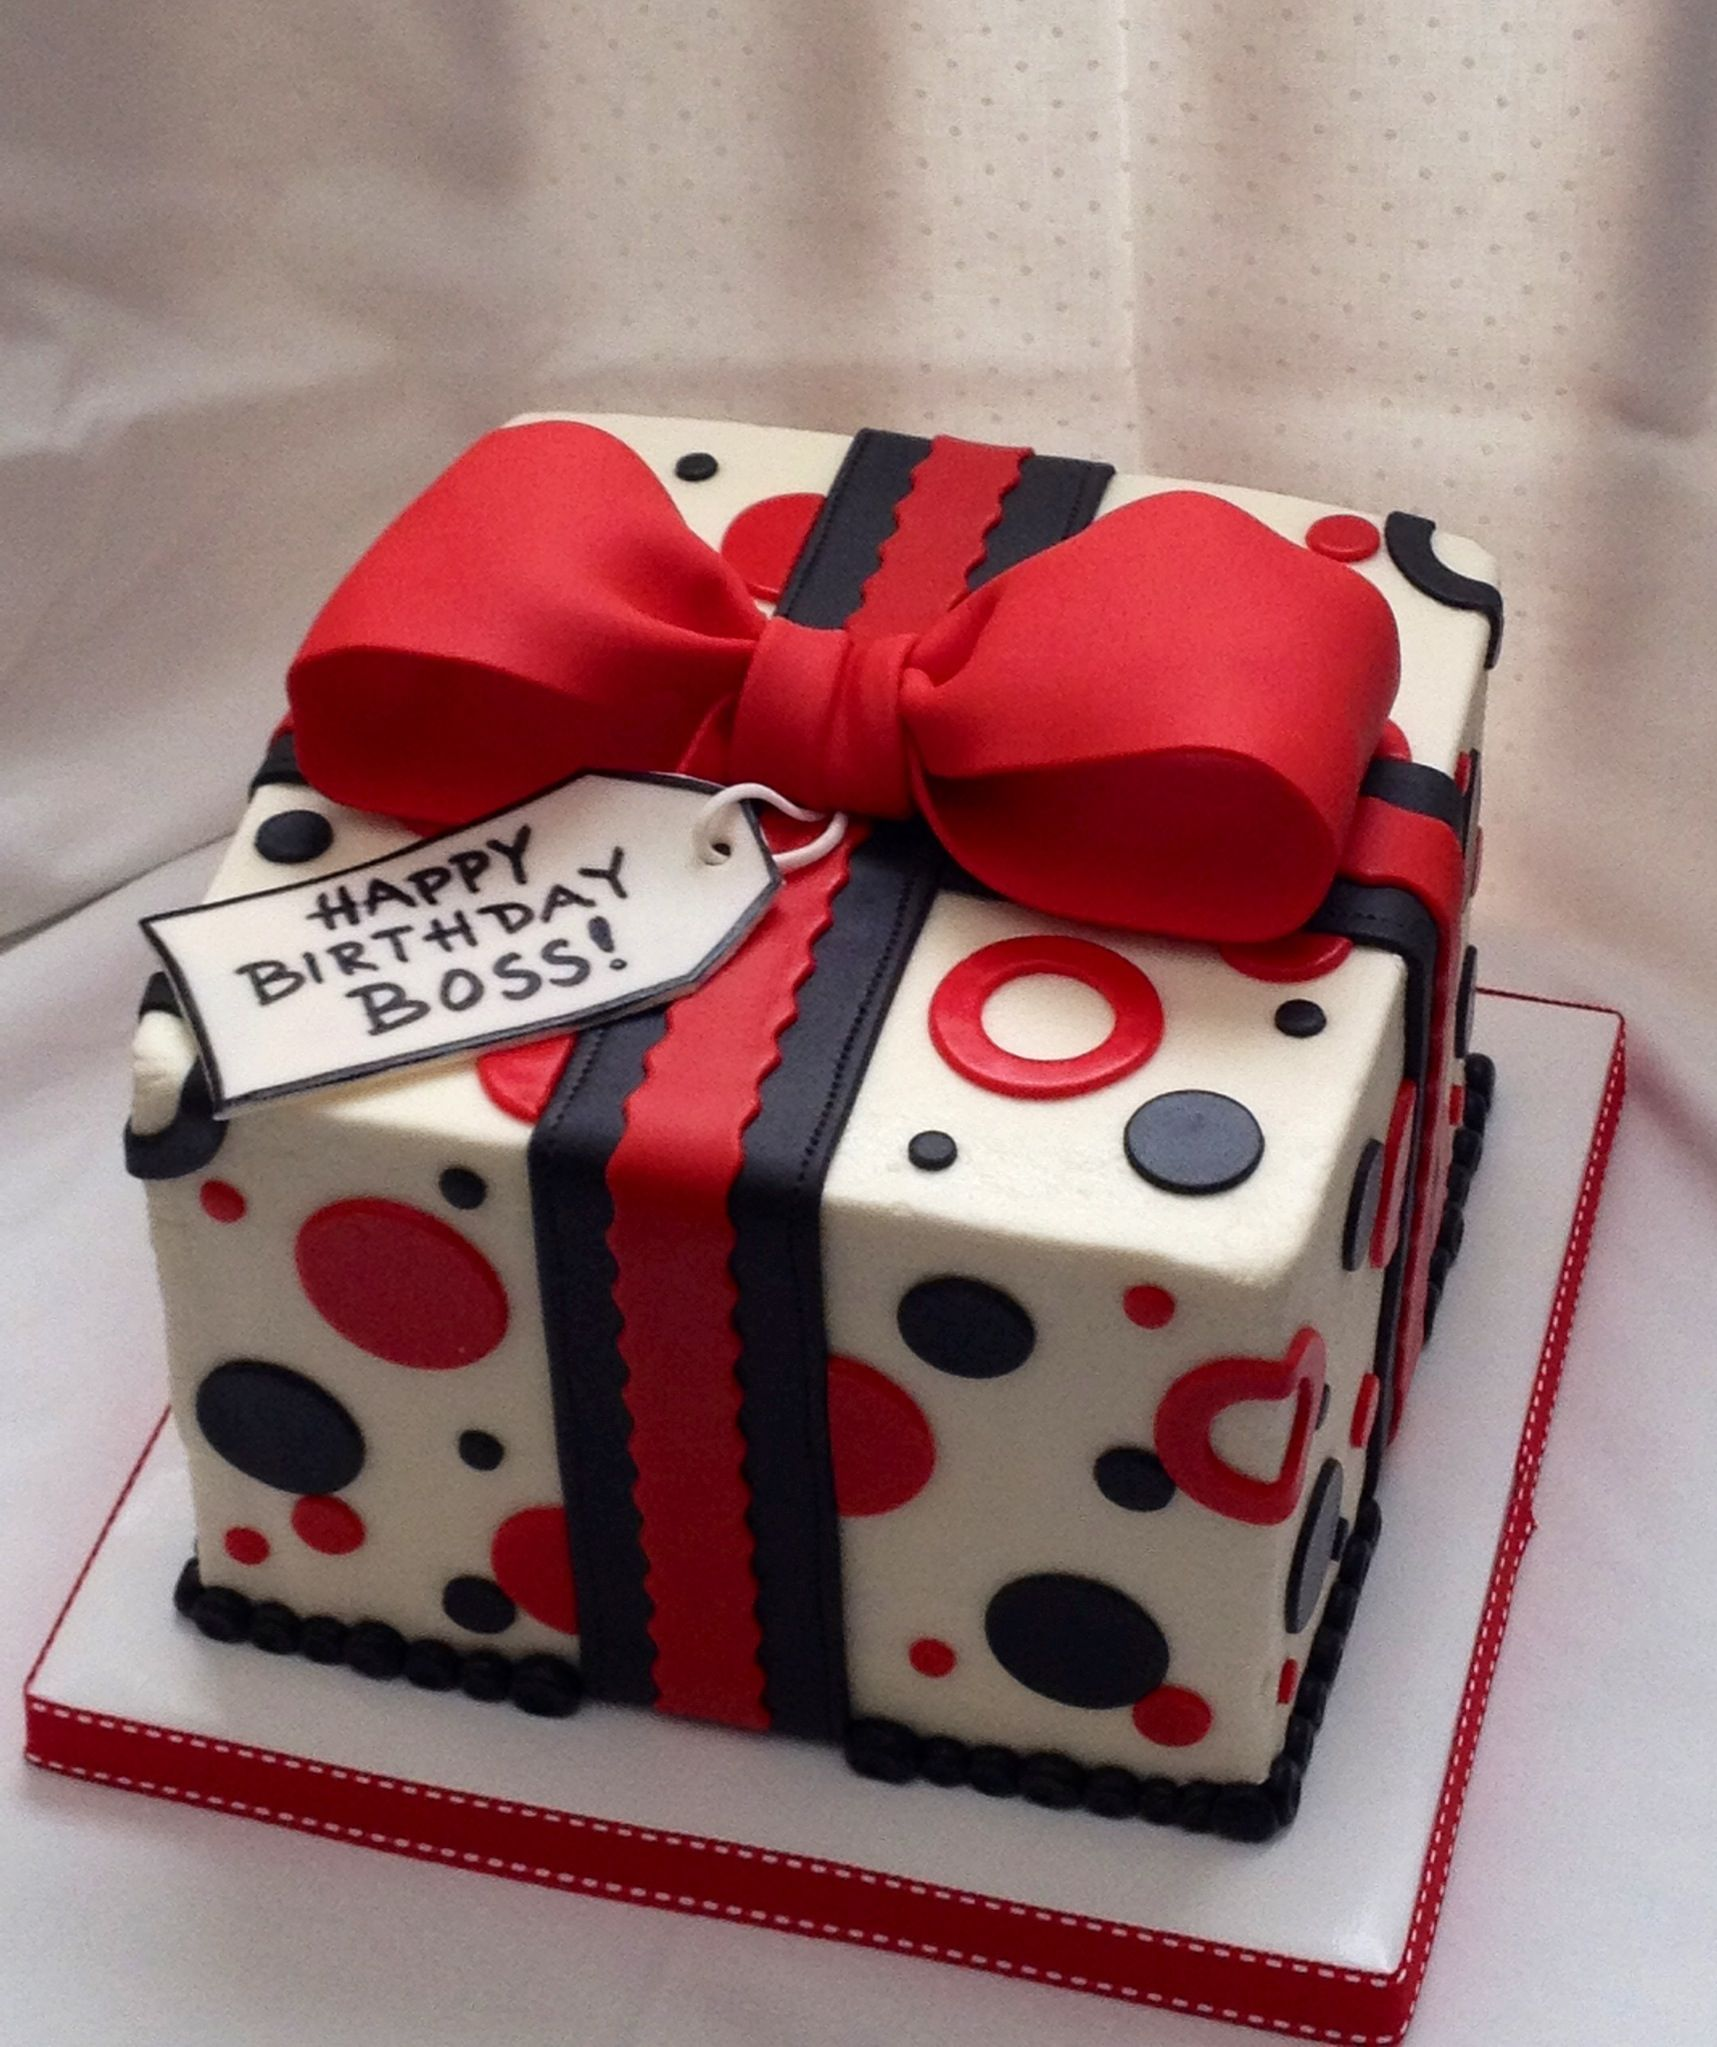 Pretty present cake. Red, black and white. Present cake